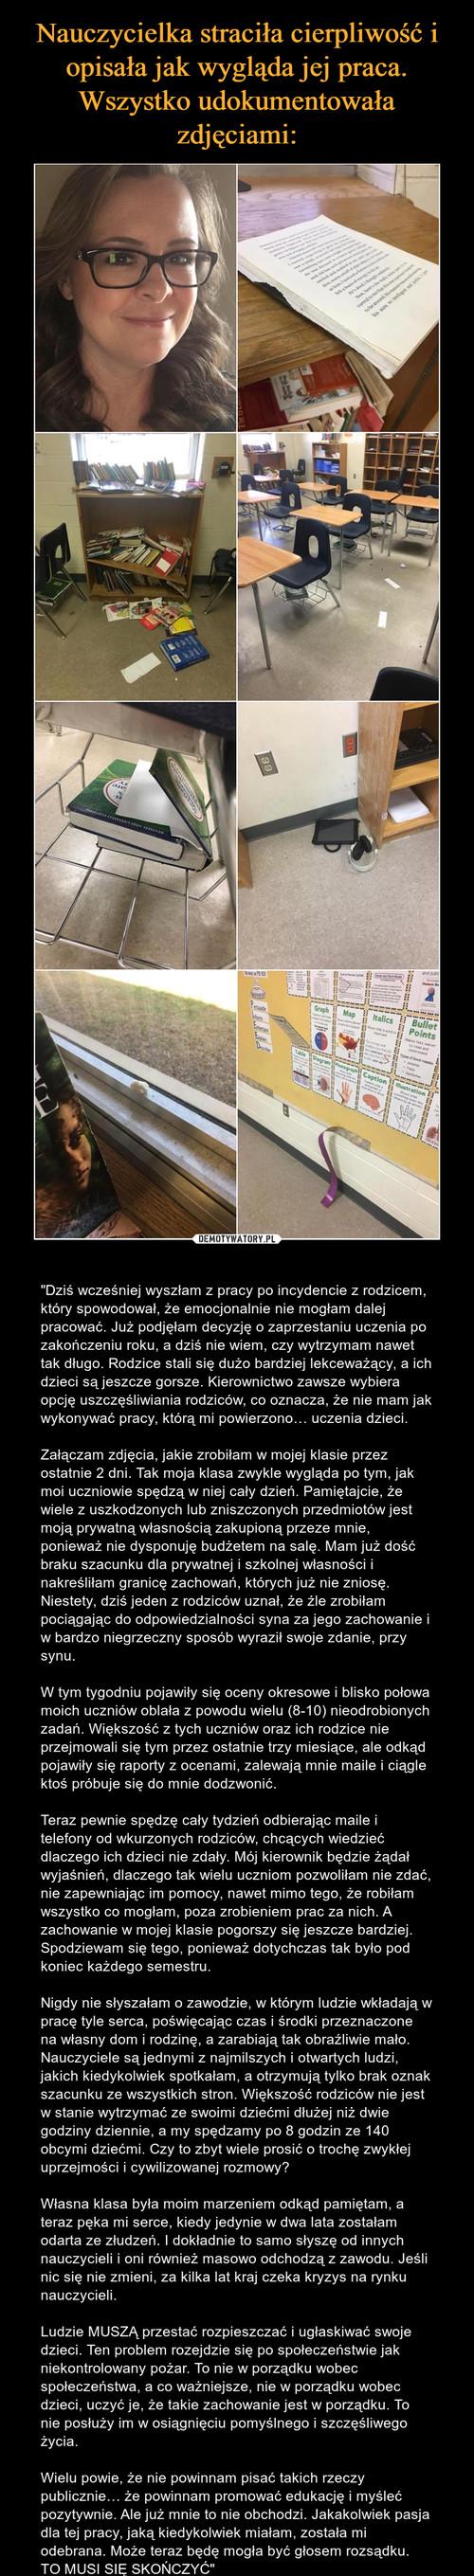 Nauczycielka straciła cierpliwość i opisała jak wygląda jej praca. Wszystko udokumentowała zdjęciami: